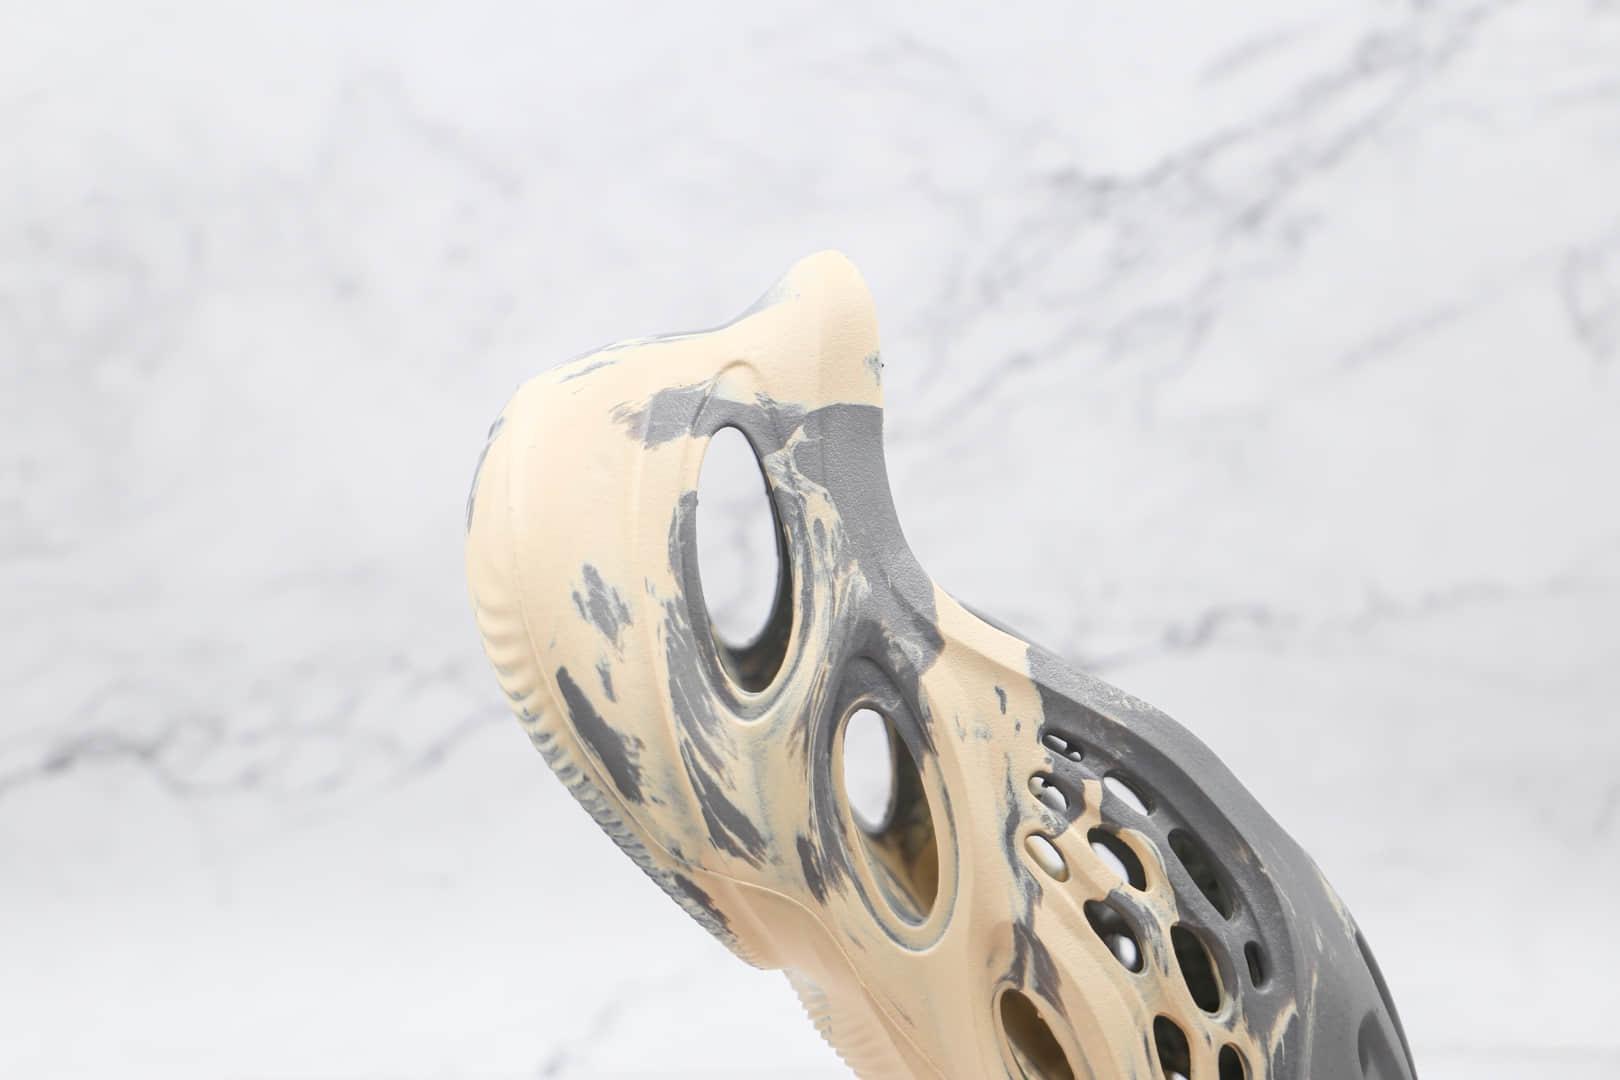 """阿迪达斯adidas Yeezy Foam Runner """"MXT Moon Grey""""纯原版本侃爷椰子洞洞鞋凉鞋灰黄大理石配色正确钢印版型 货号:GV7904"""